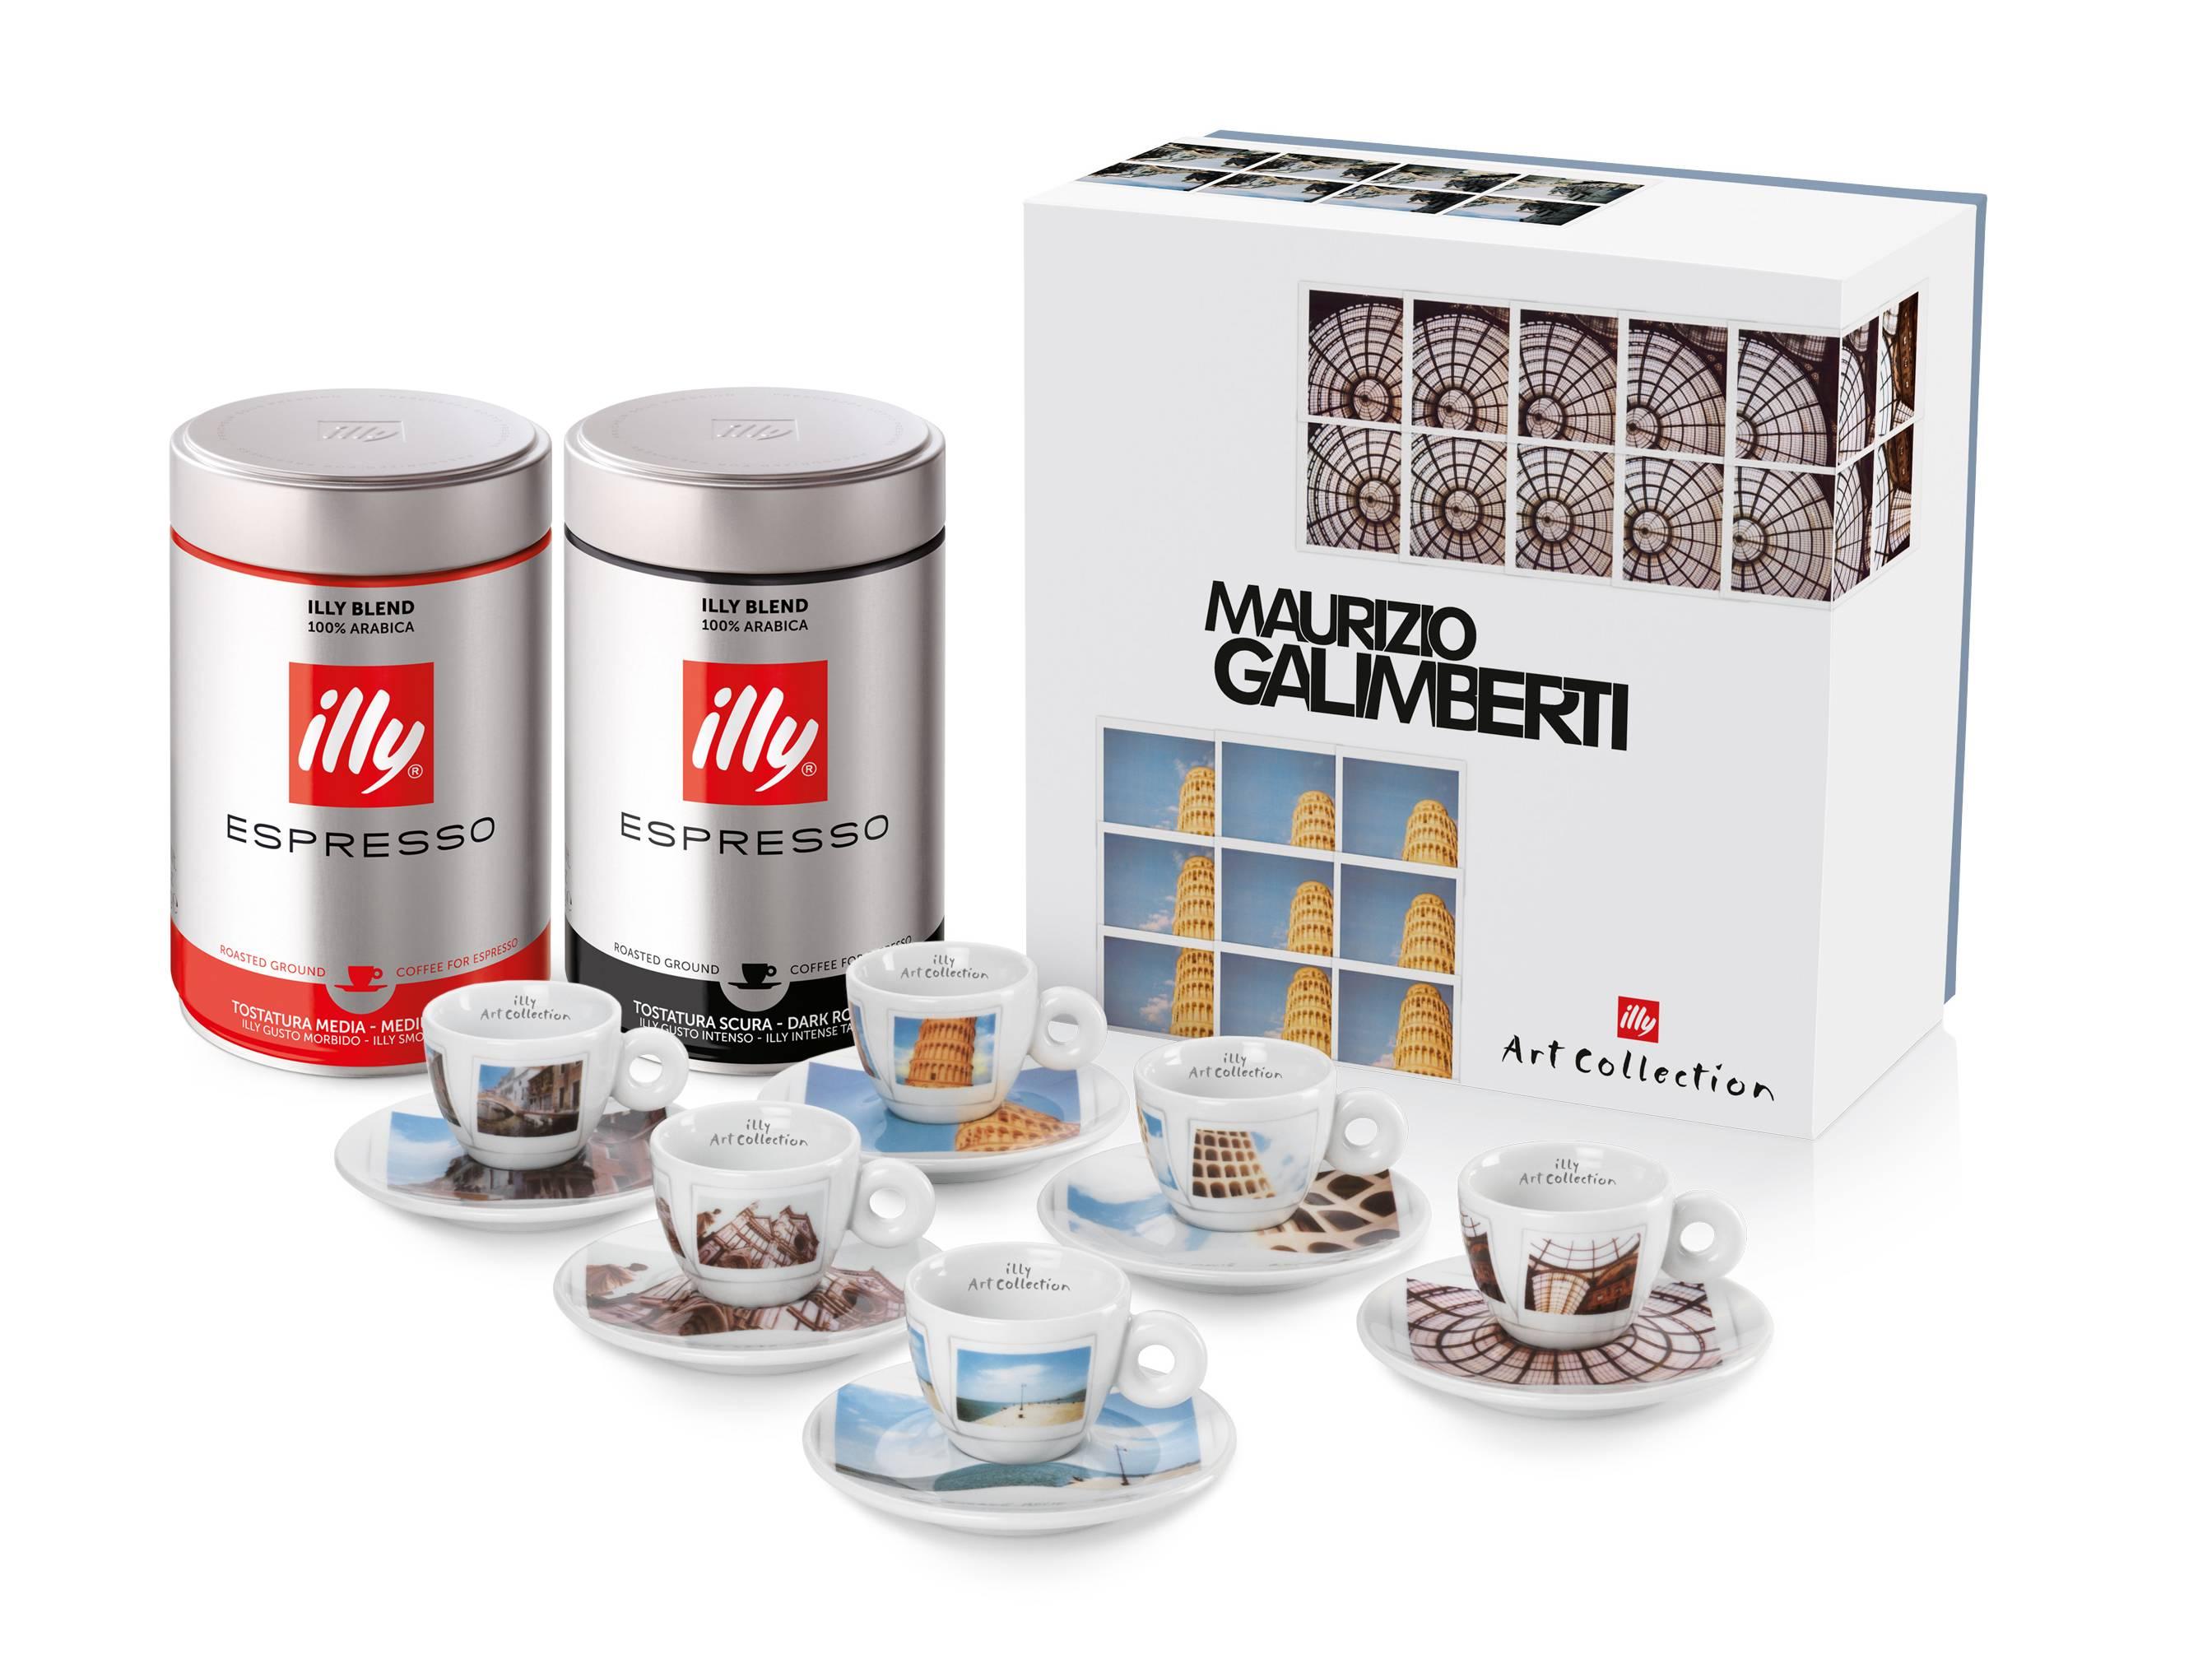 9 вкусов итальянского кофе illy